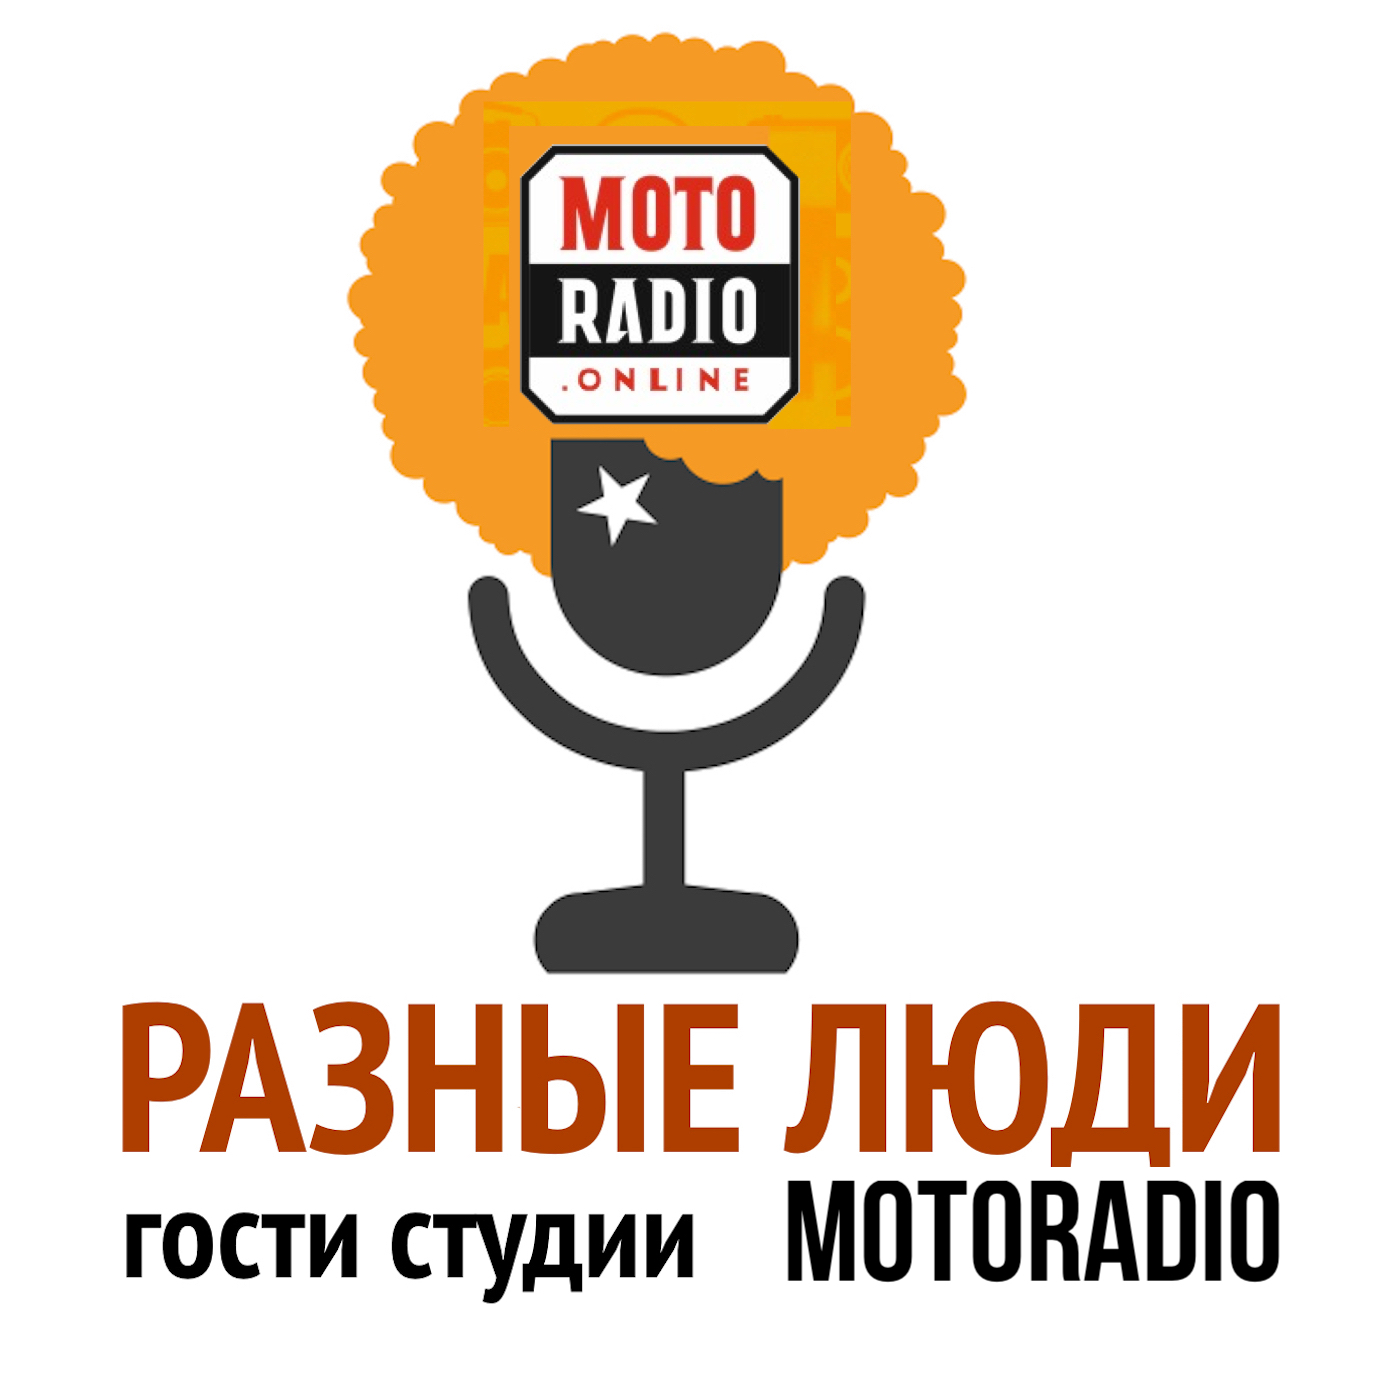 Моторадио Знаменитый спортсмен Александр Фёдоров в гостях у МОТОРАДИО